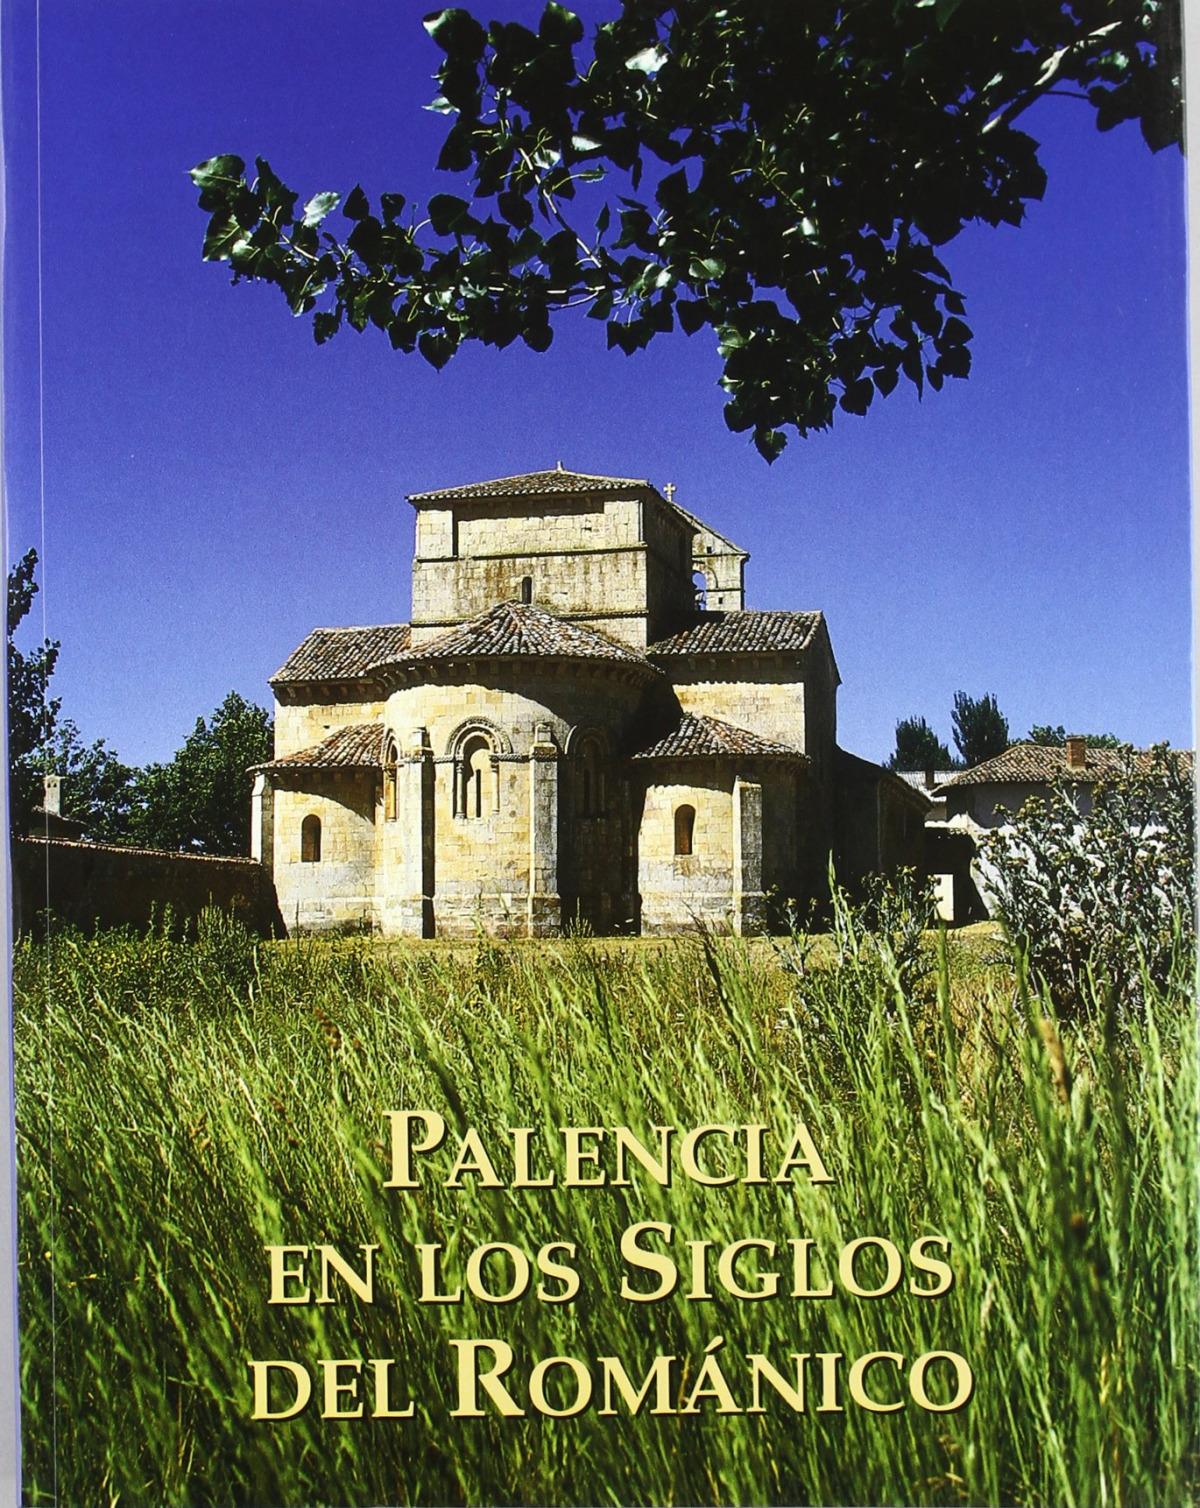 PALENCIA EN LOS SIGLOS ROMANICO